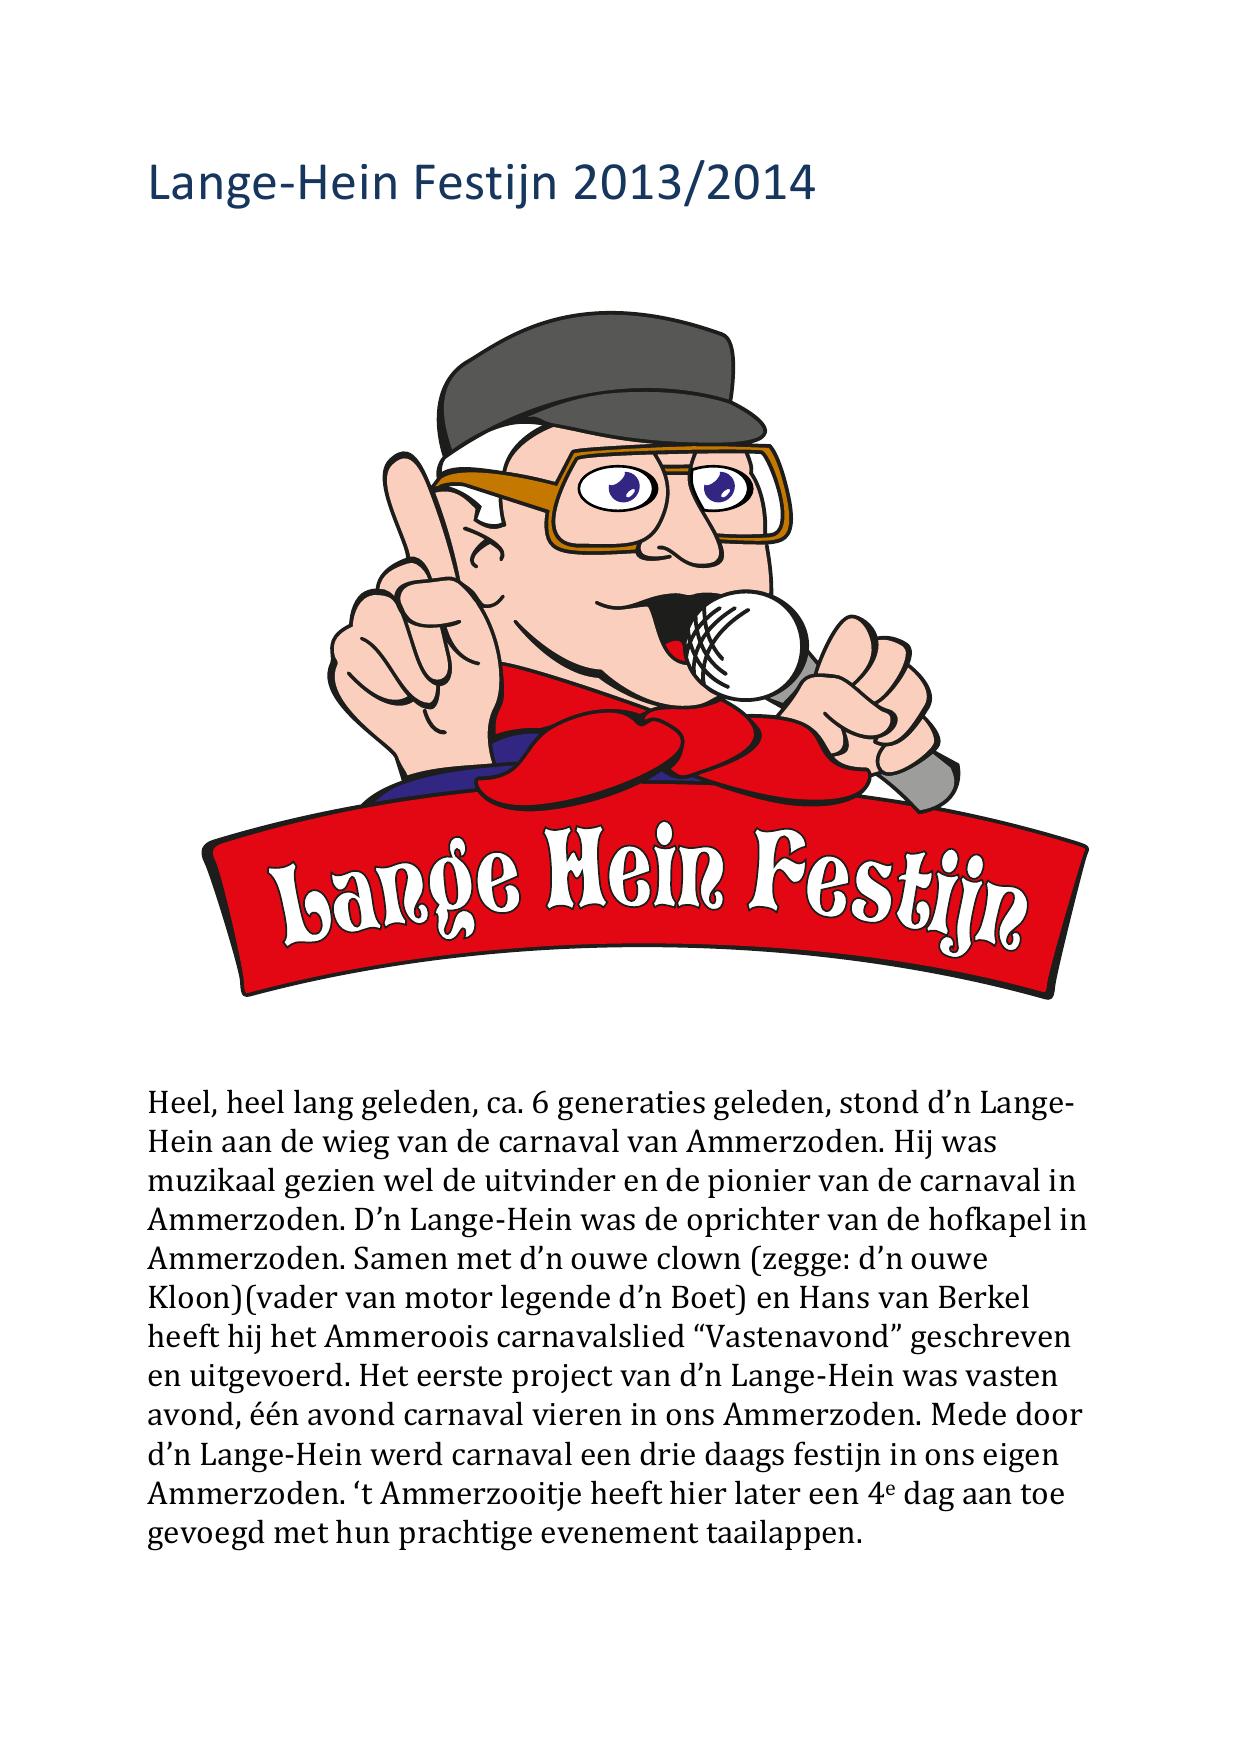 Lange-Hein Festijn 2013/2014 Heel, heel lang geleden, ca  6